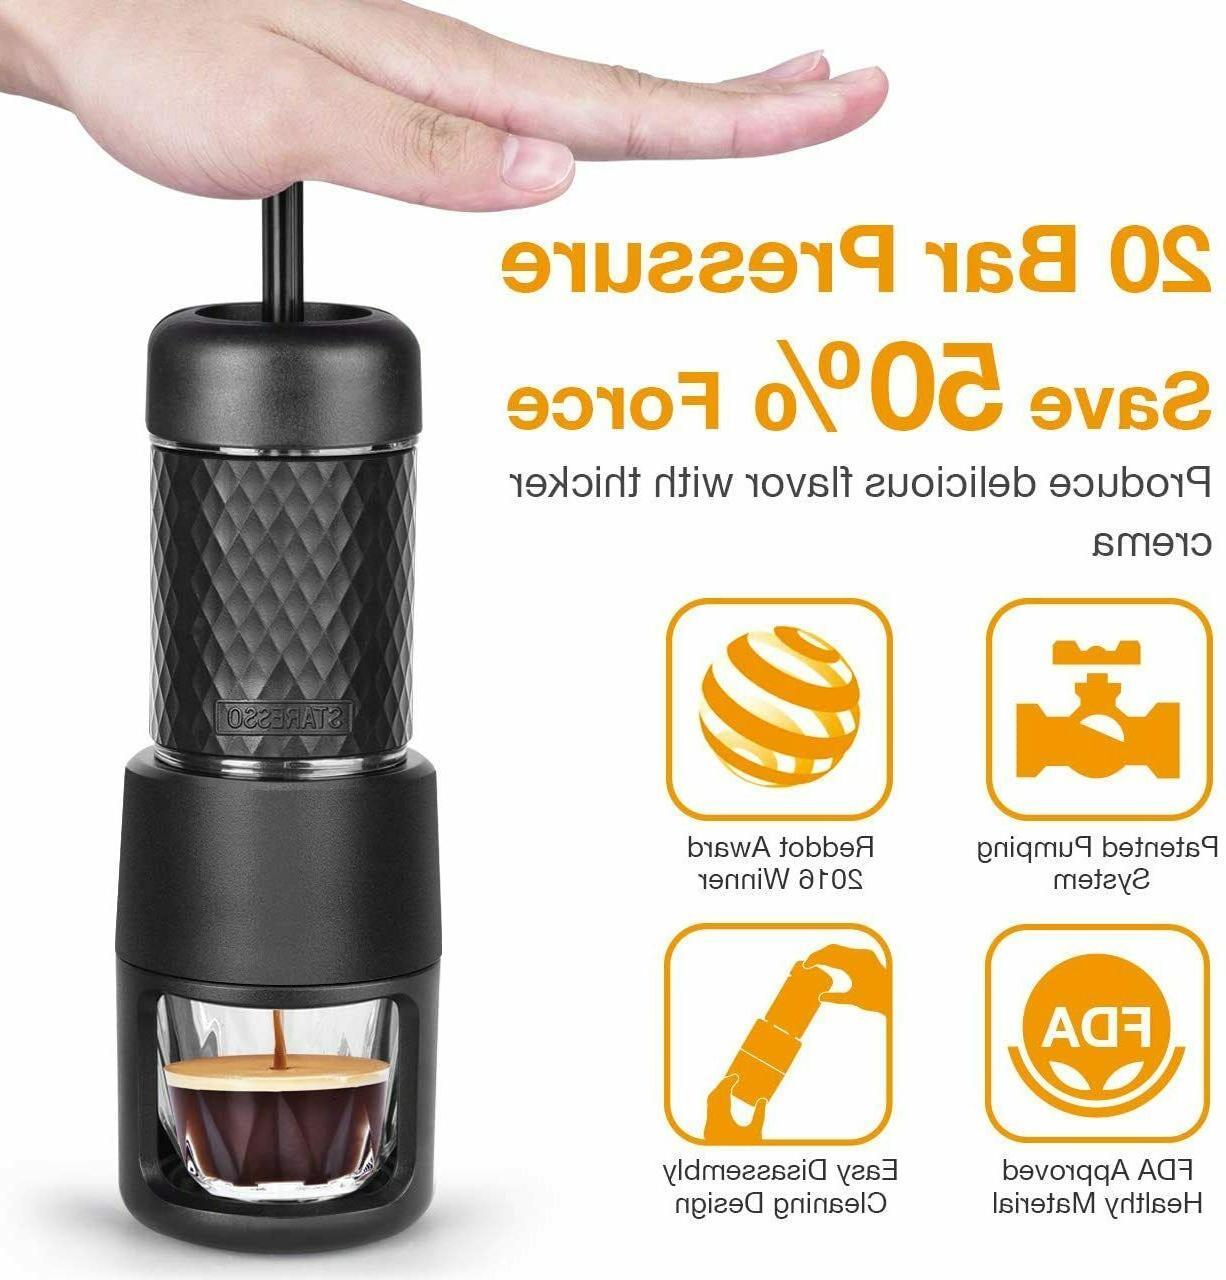 STARESSO Portable Manual Machine Coffee